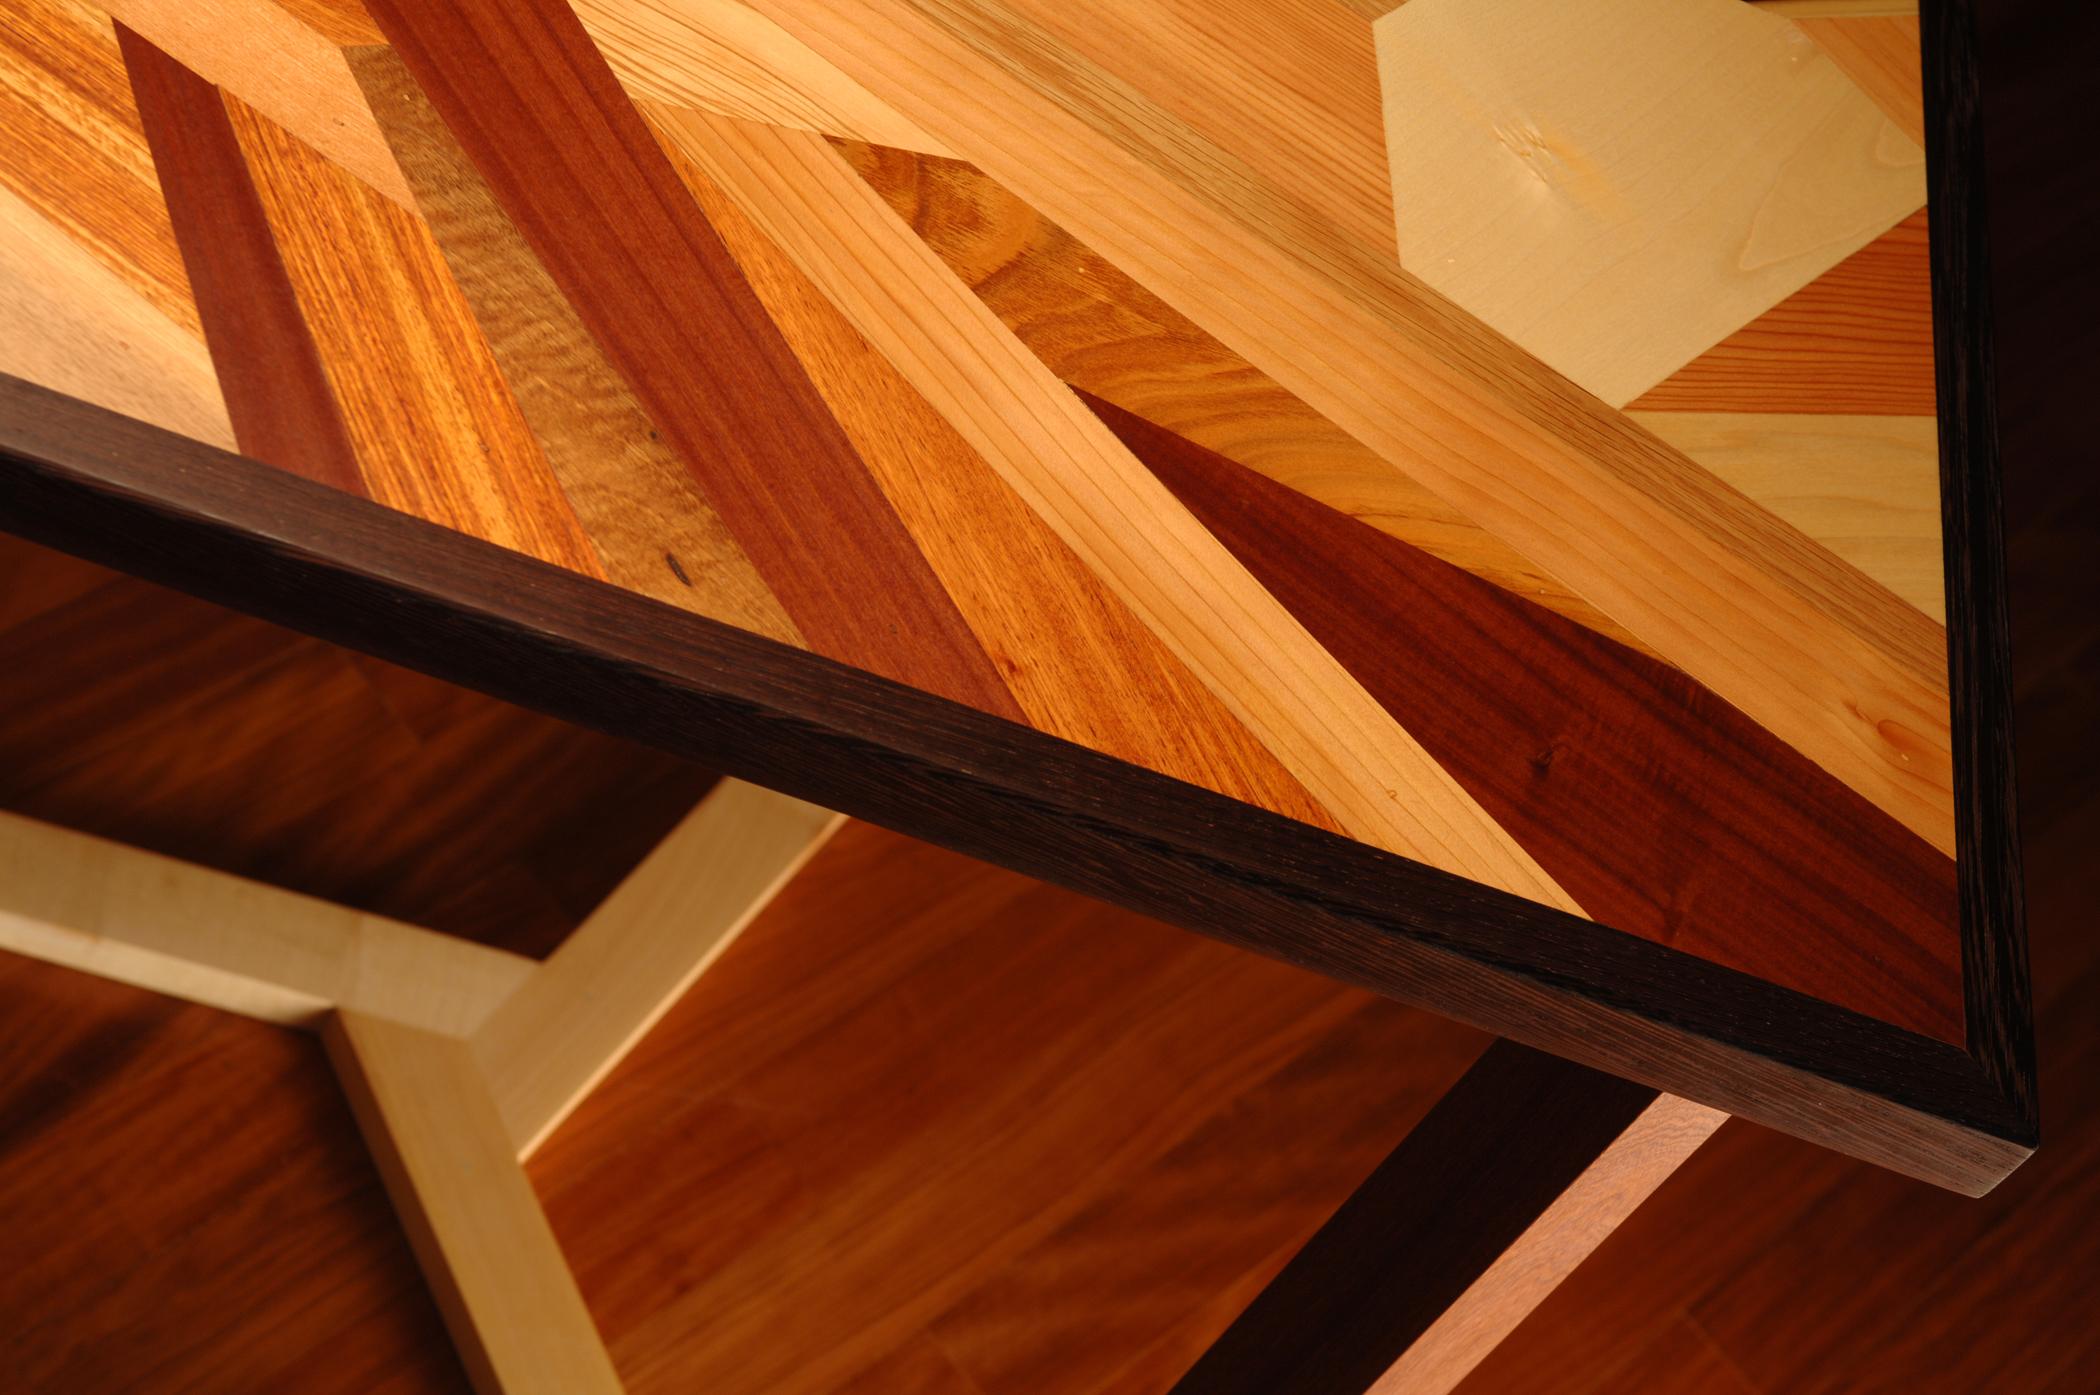 Tavolo intarsiato contemporaneo con frammenti di legno massello di diversi colori.